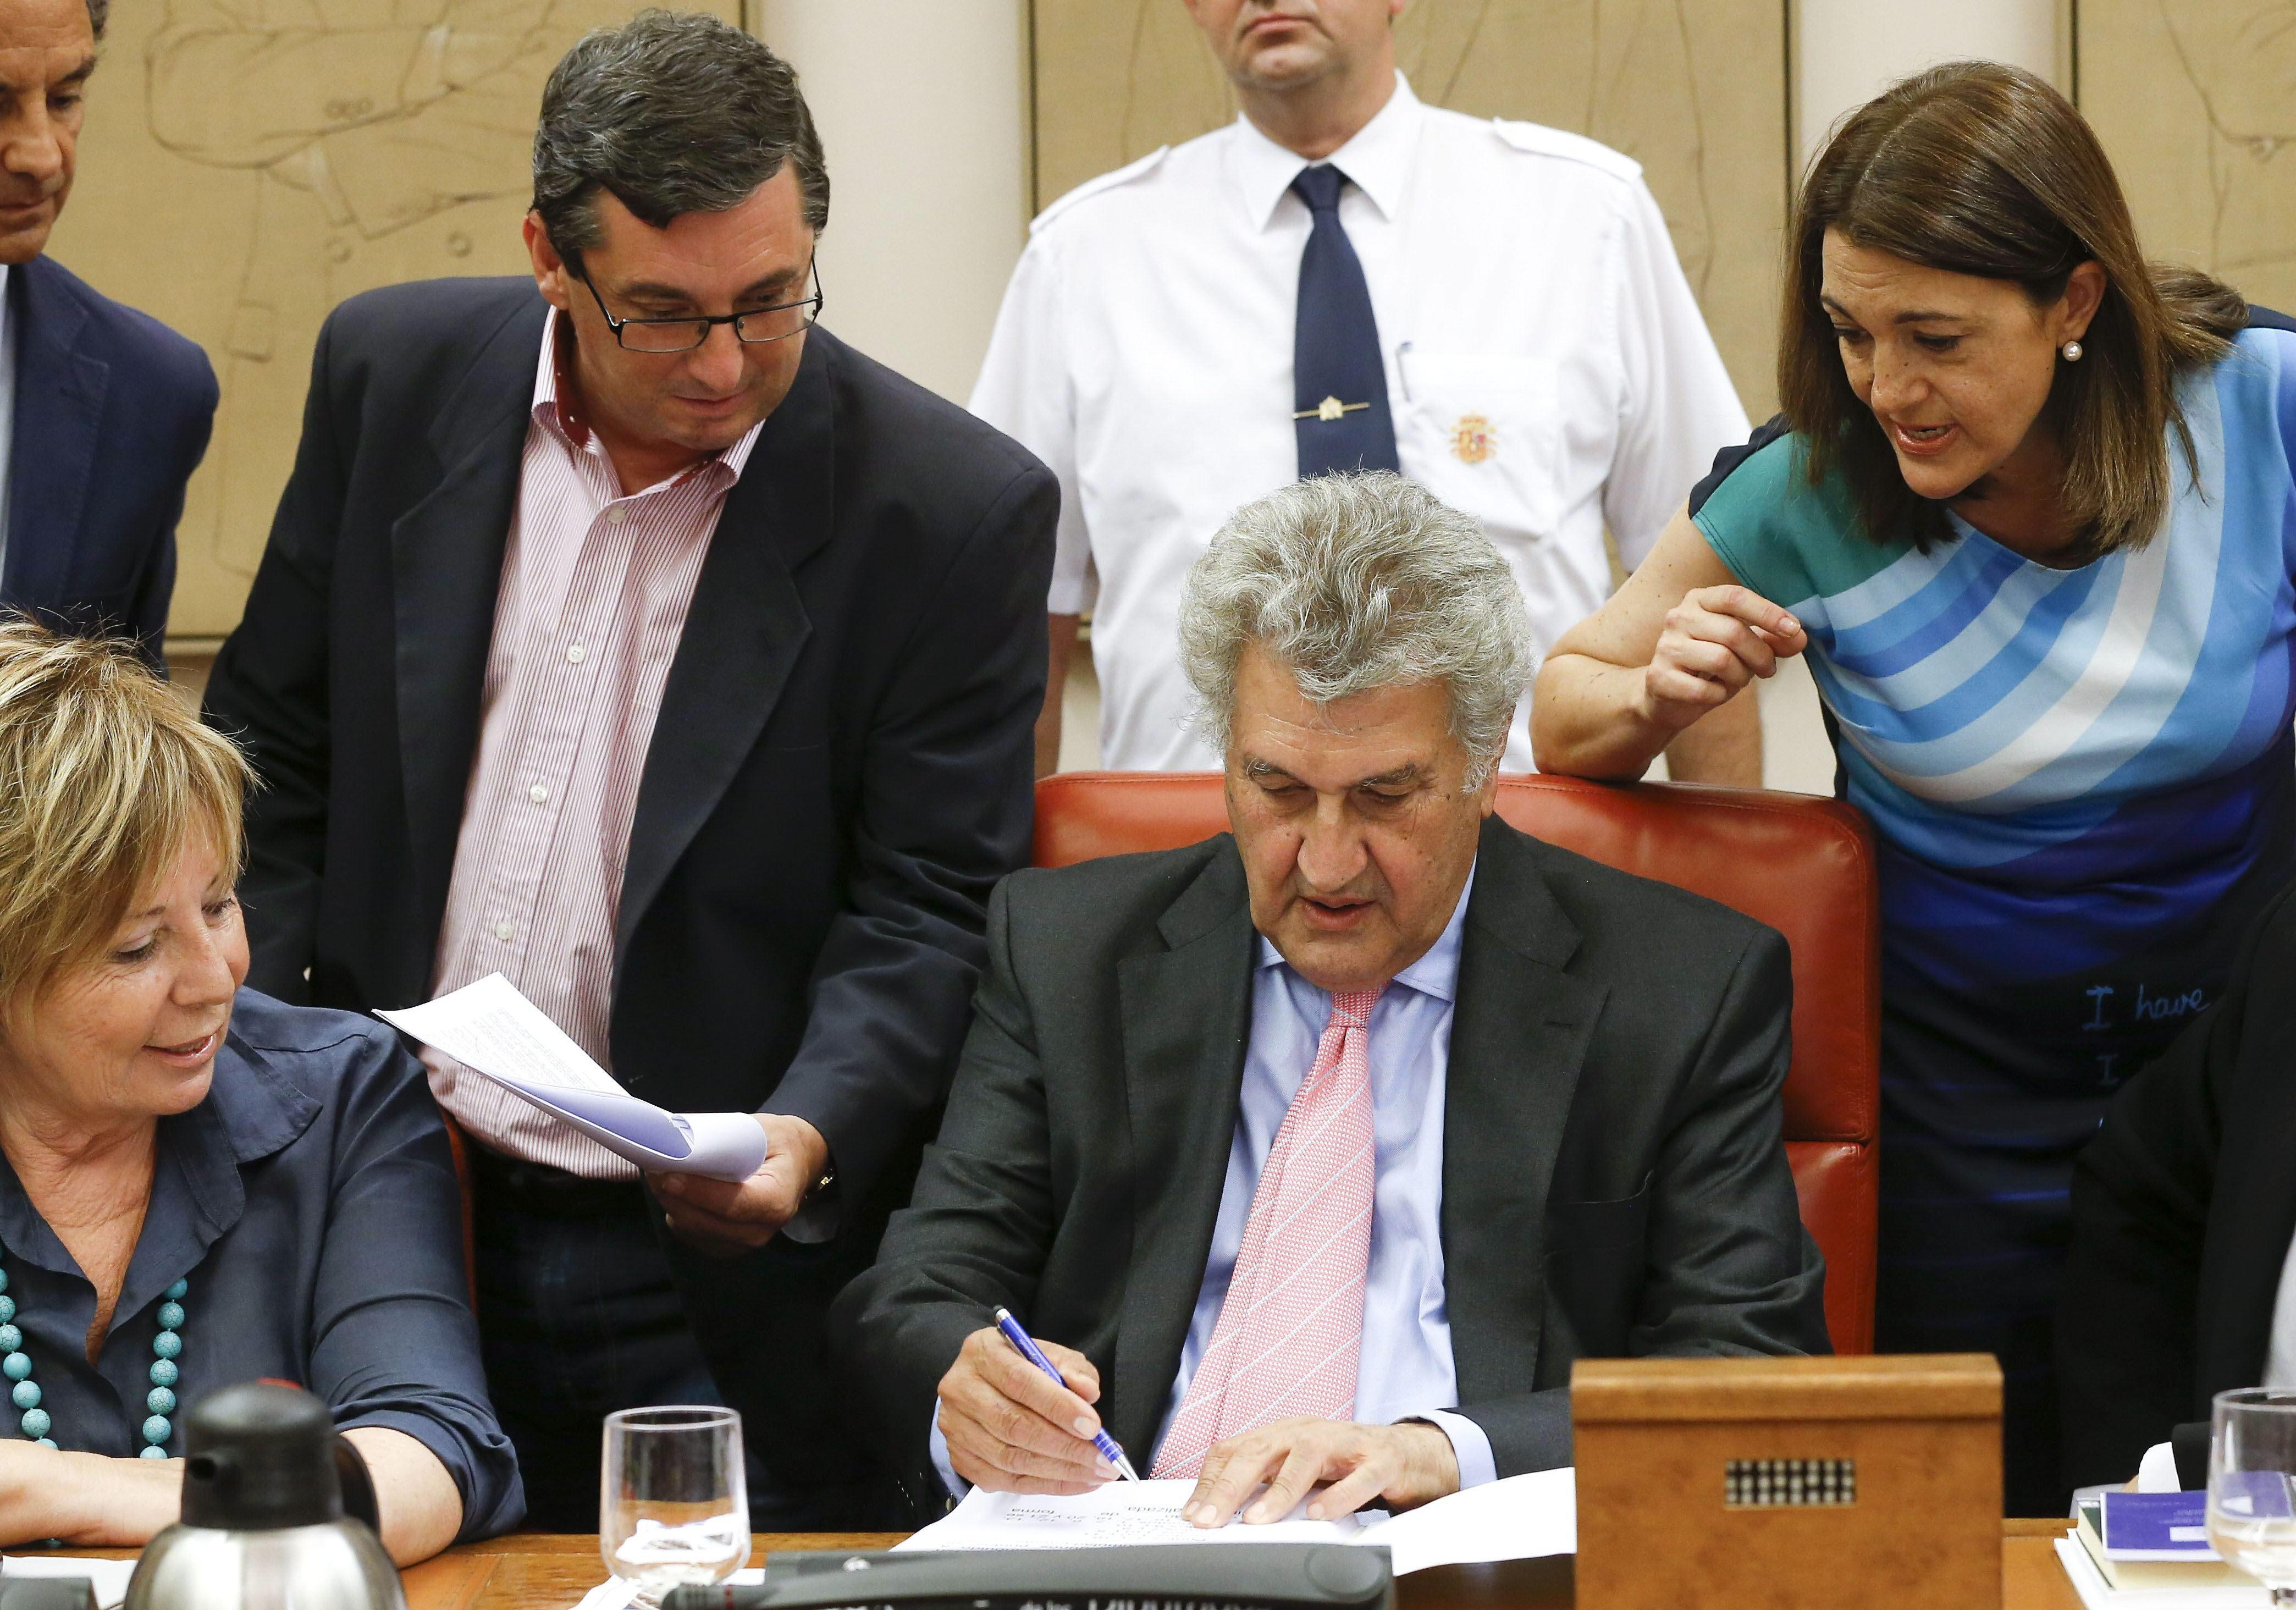 El Congreso tumba las mociones de PSOE e IU que pedían reprochar a Rajoy